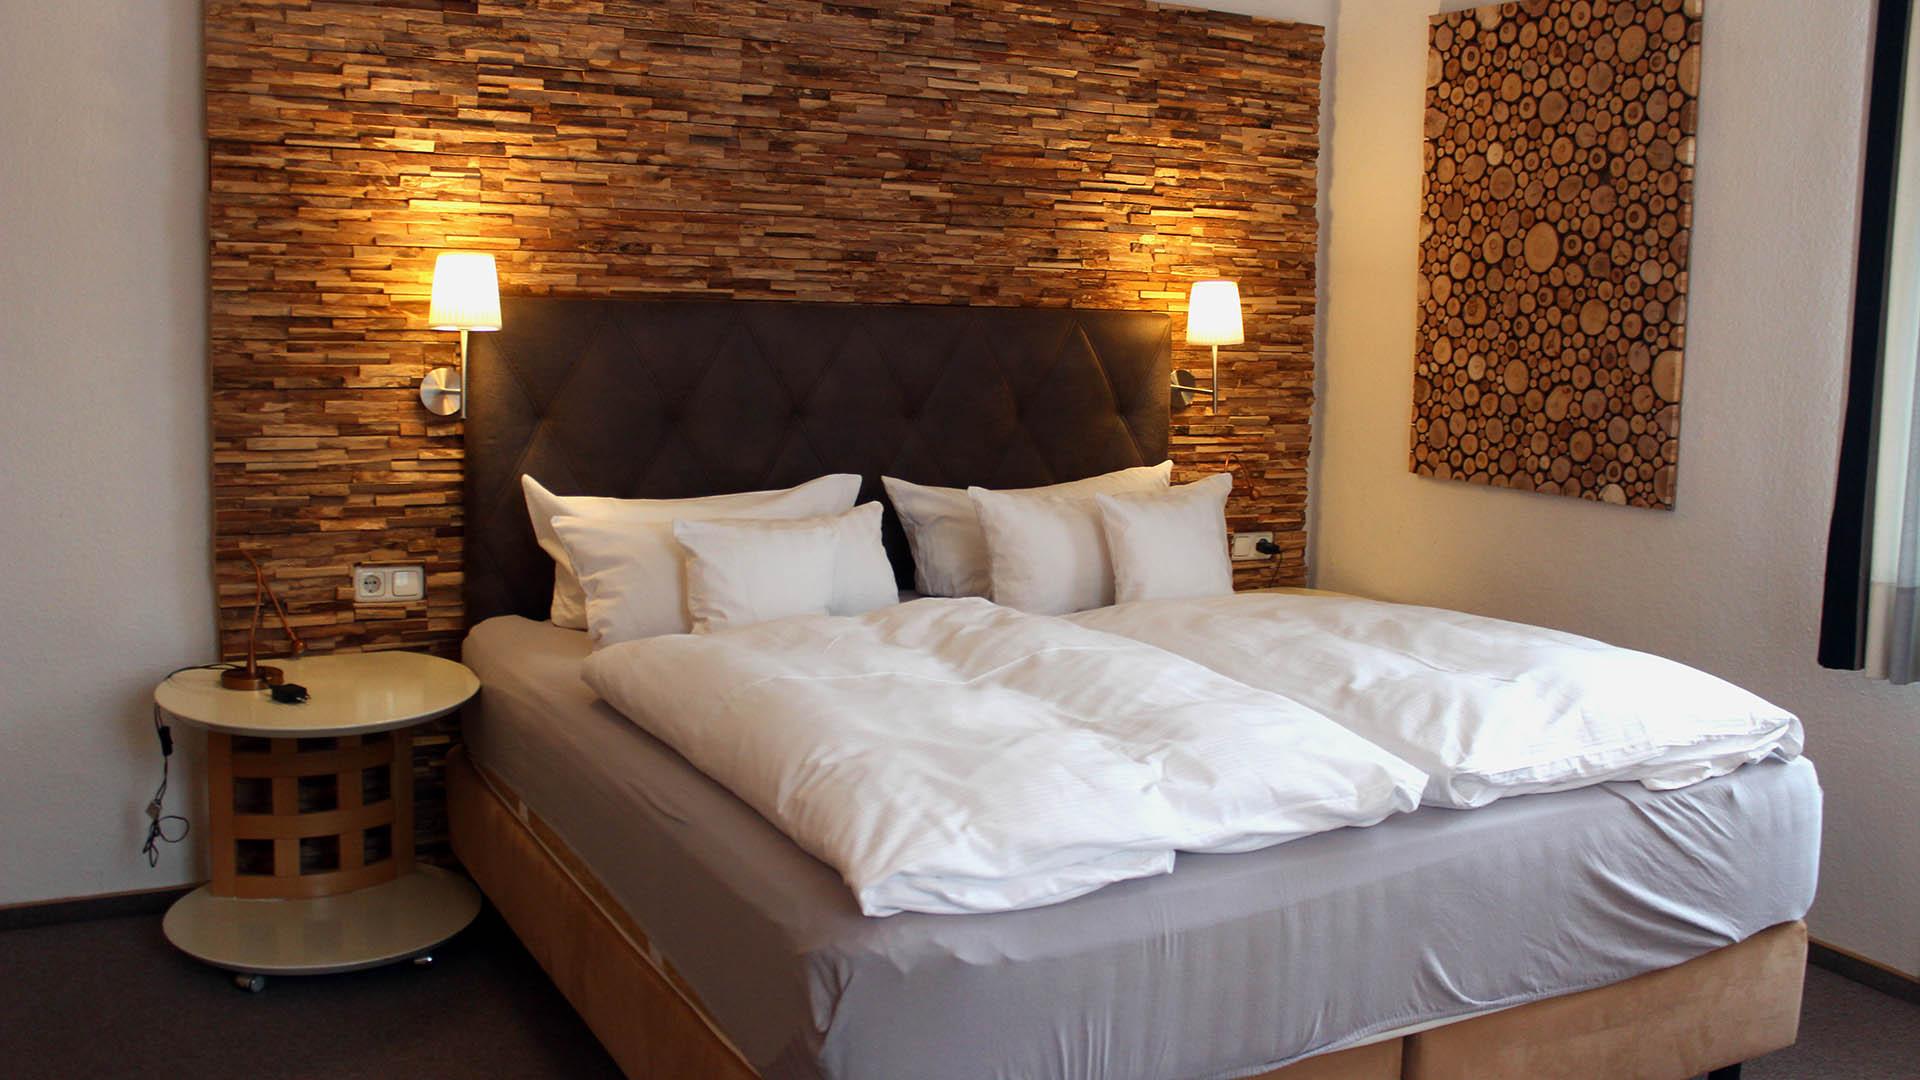 Hotel Almrausch in Bad Reichenhall - Ihr 3 Sterne Hotel im Süden Bayerns - Zimmer Appartement 1 Innenaufnahme